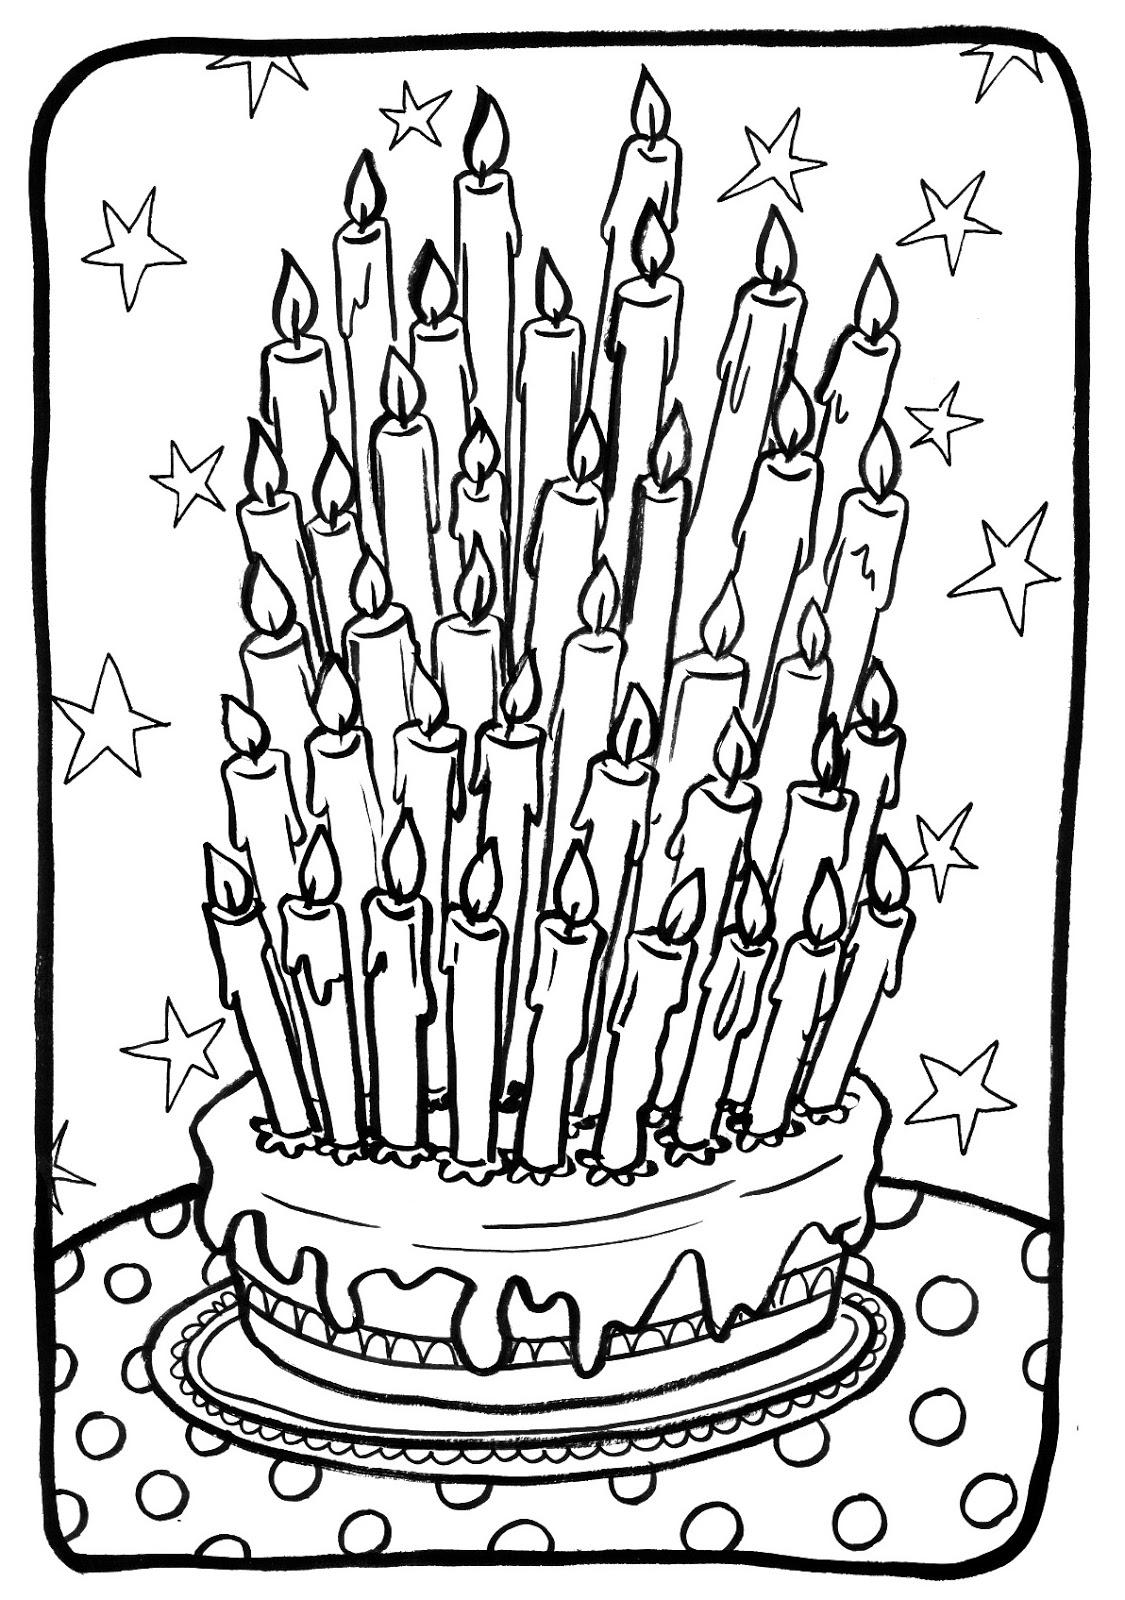 coloriage à dessiner gateau d'anniversaire 36 ans